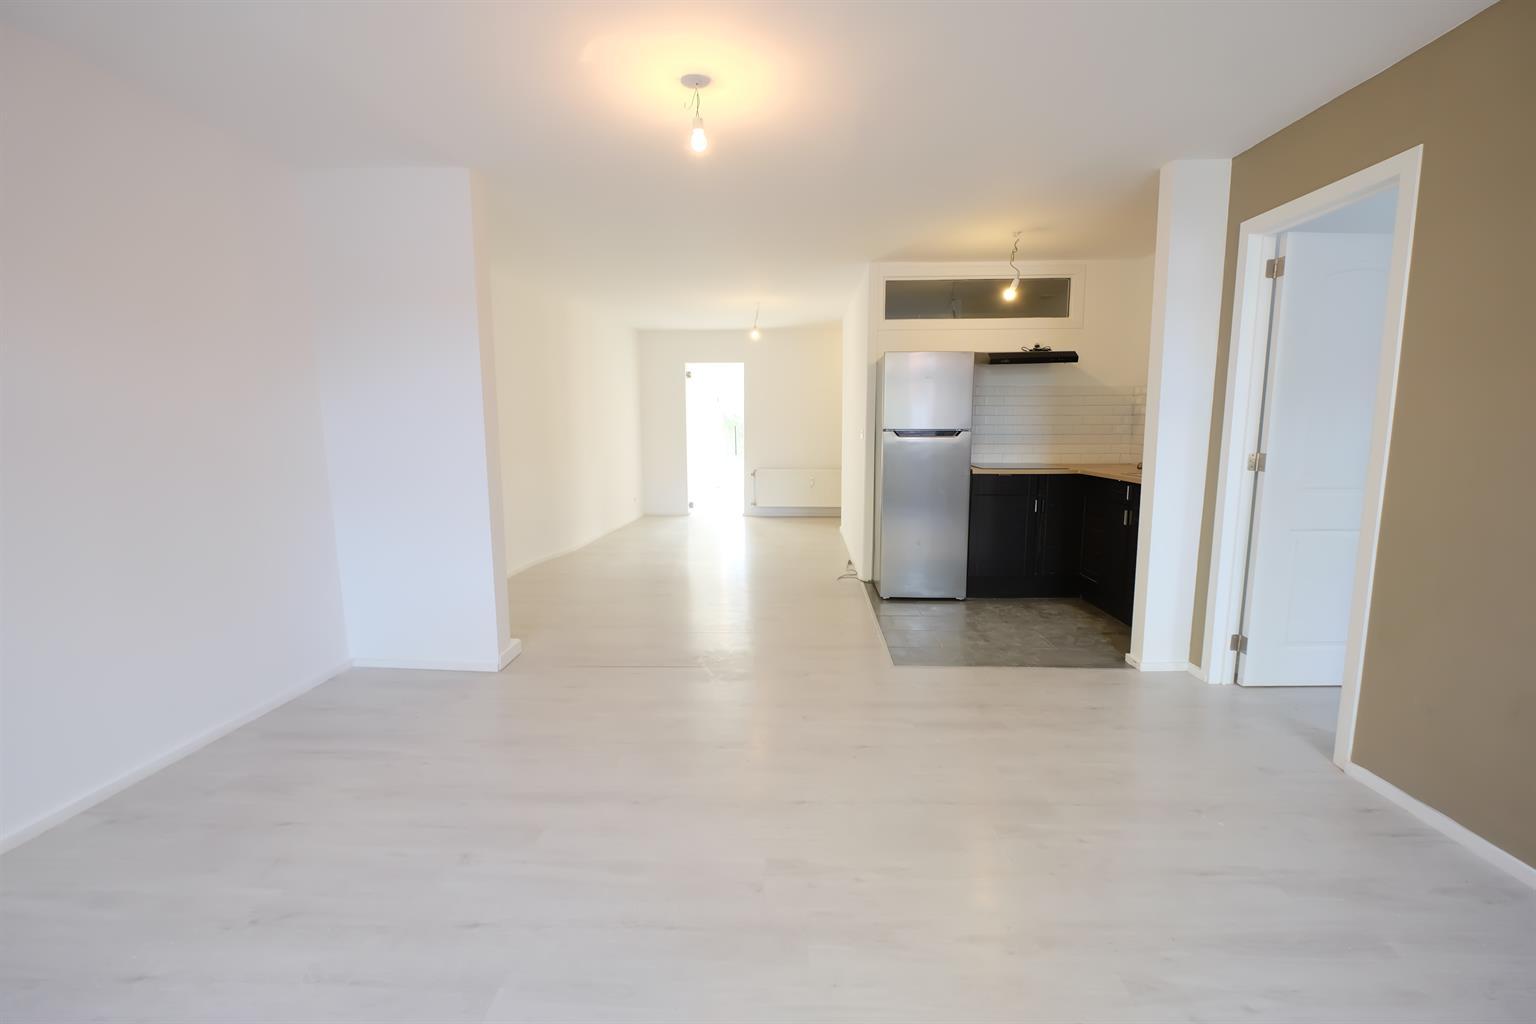 Appartement - Braine-le-Comte Ronquières - #4170185-2